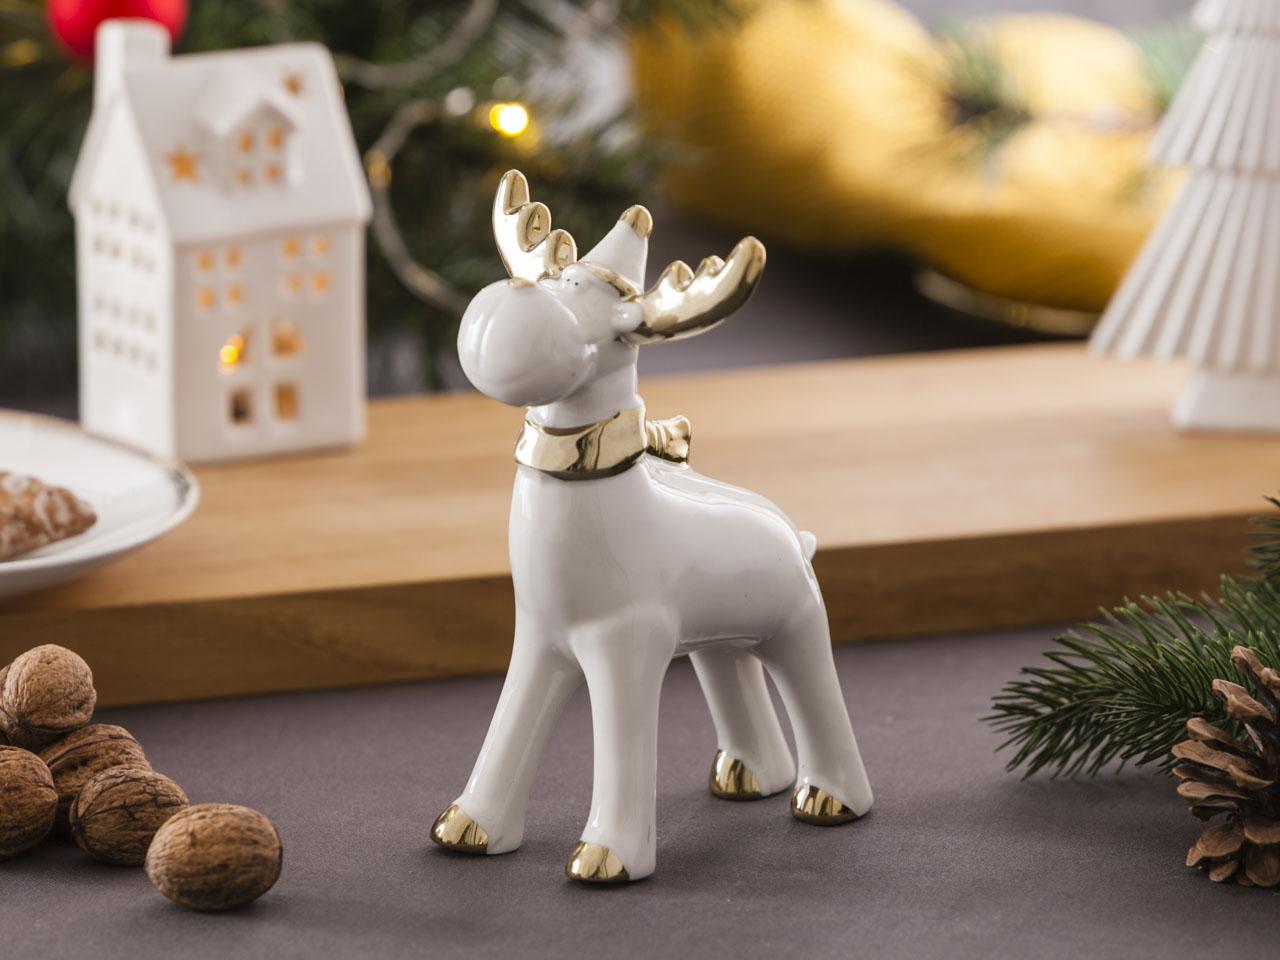 Ozdoba / figurka / dekoracja świąteczna Boże Narodzenie Altom Design Modern renifer biały ze złotem 12x6,5x16,5 cm